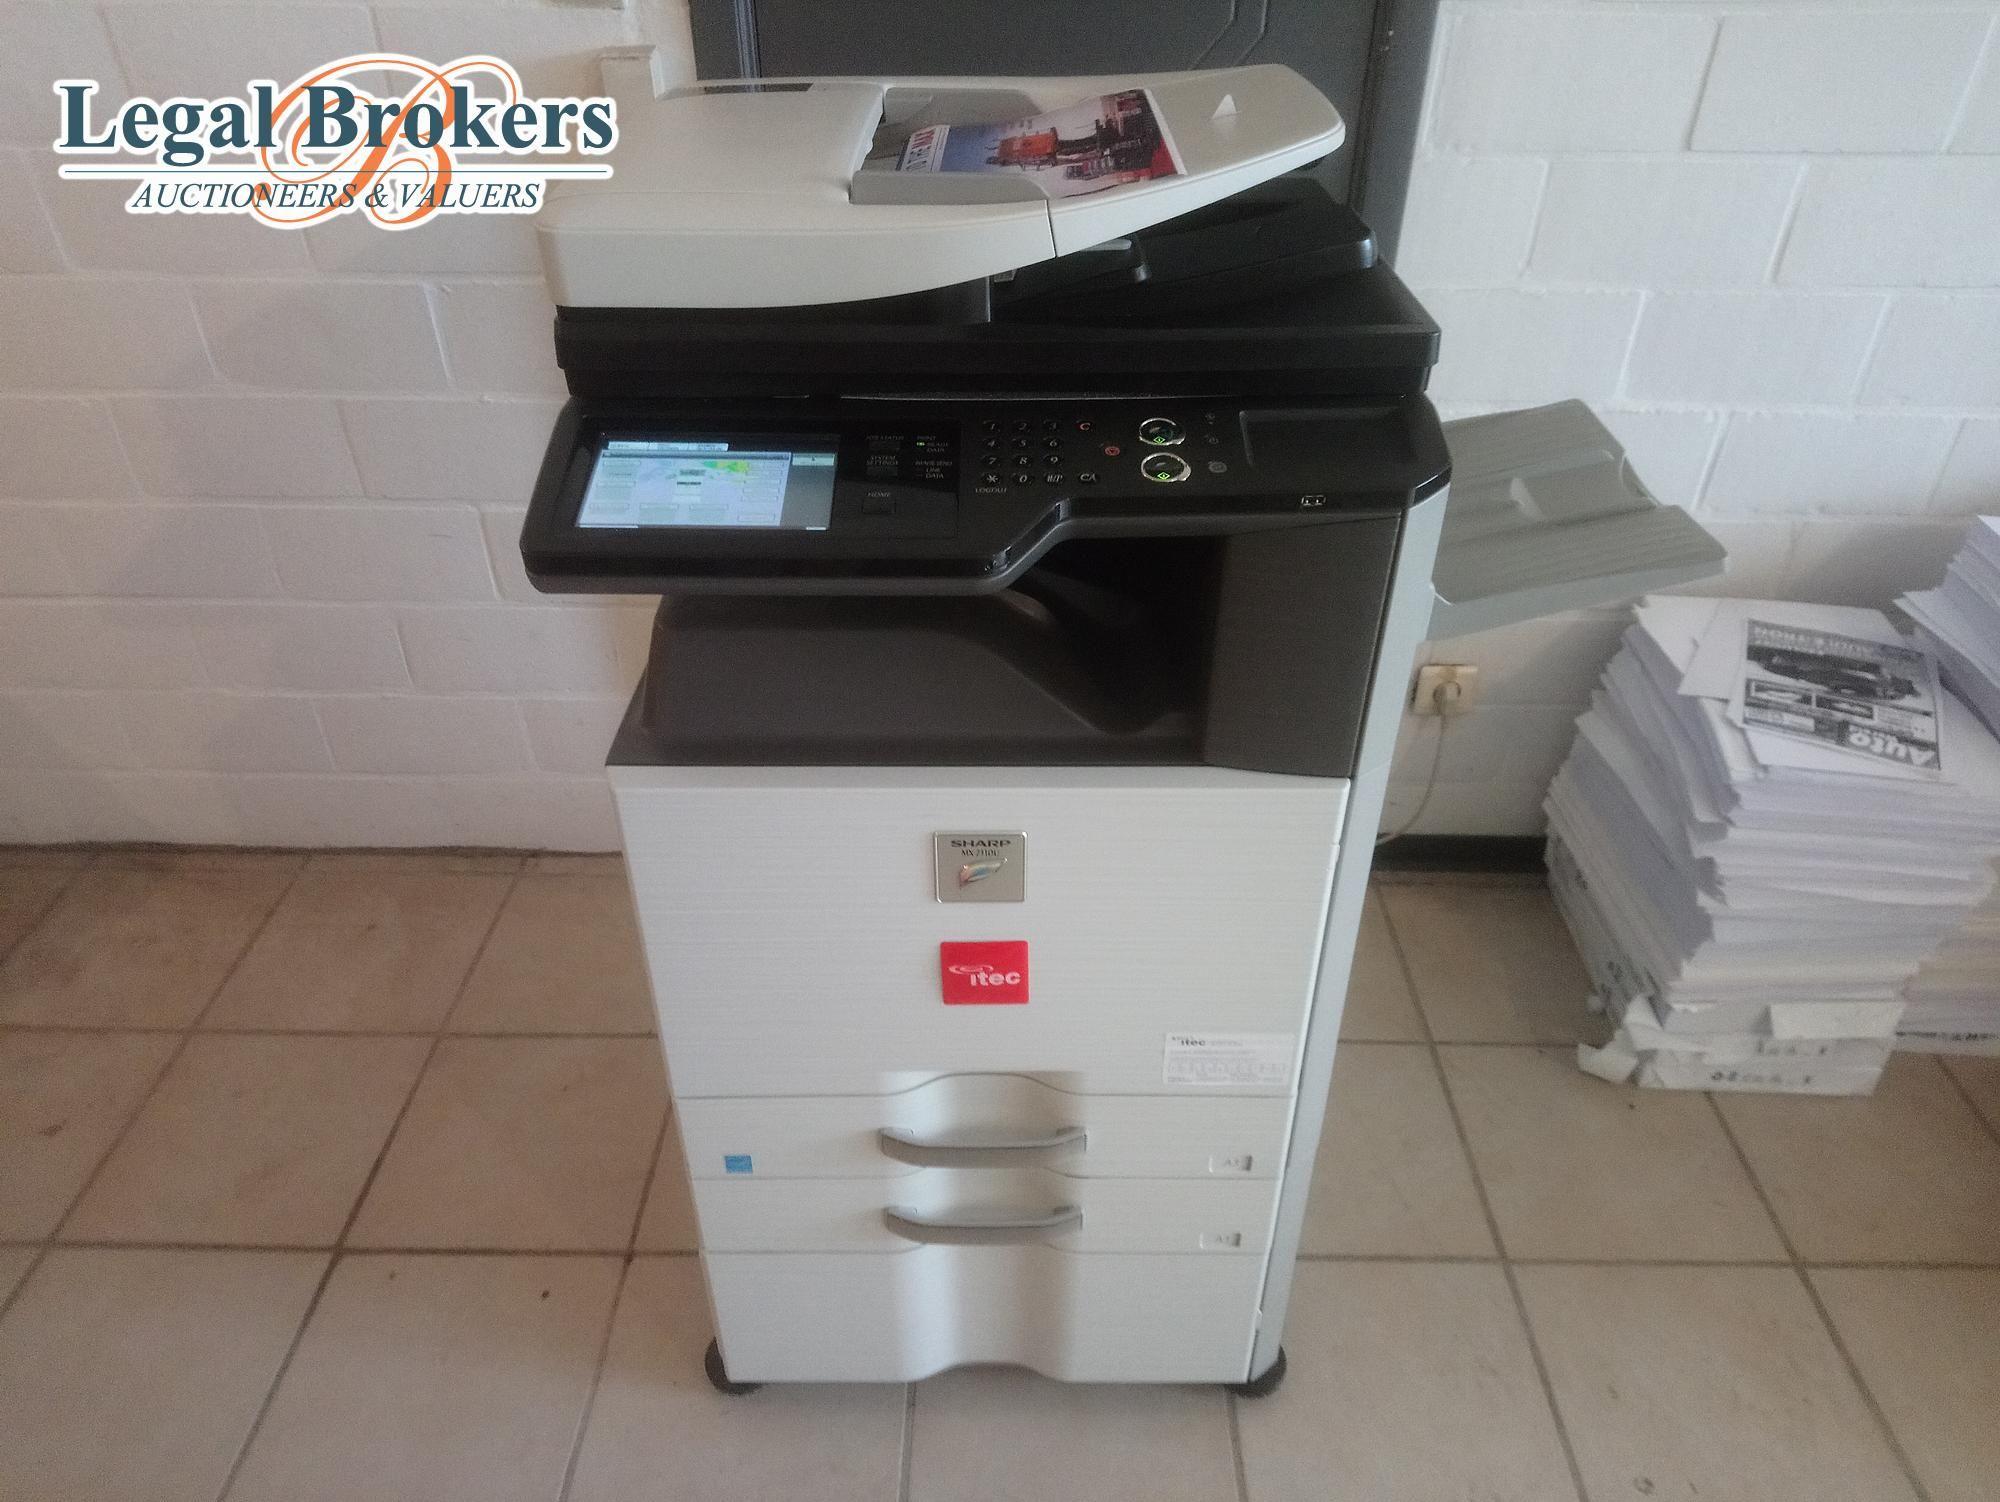 Sharp MX-2310u - Kleurencopier / Drucken / Scannen